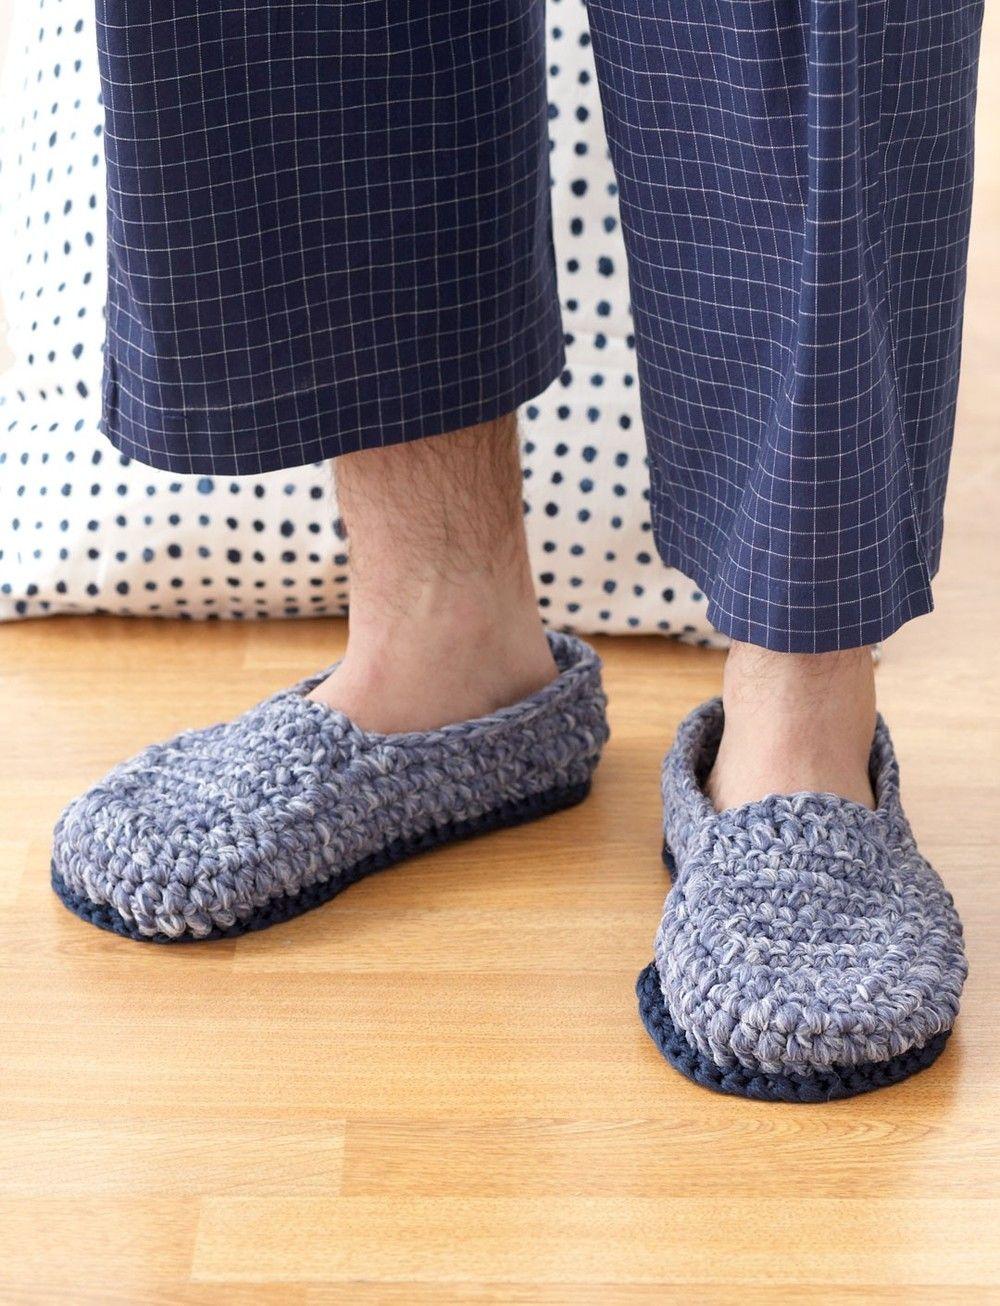 Crochet House Shoes | Crochet zapatos, Blusas en crochet y Zapatos ...